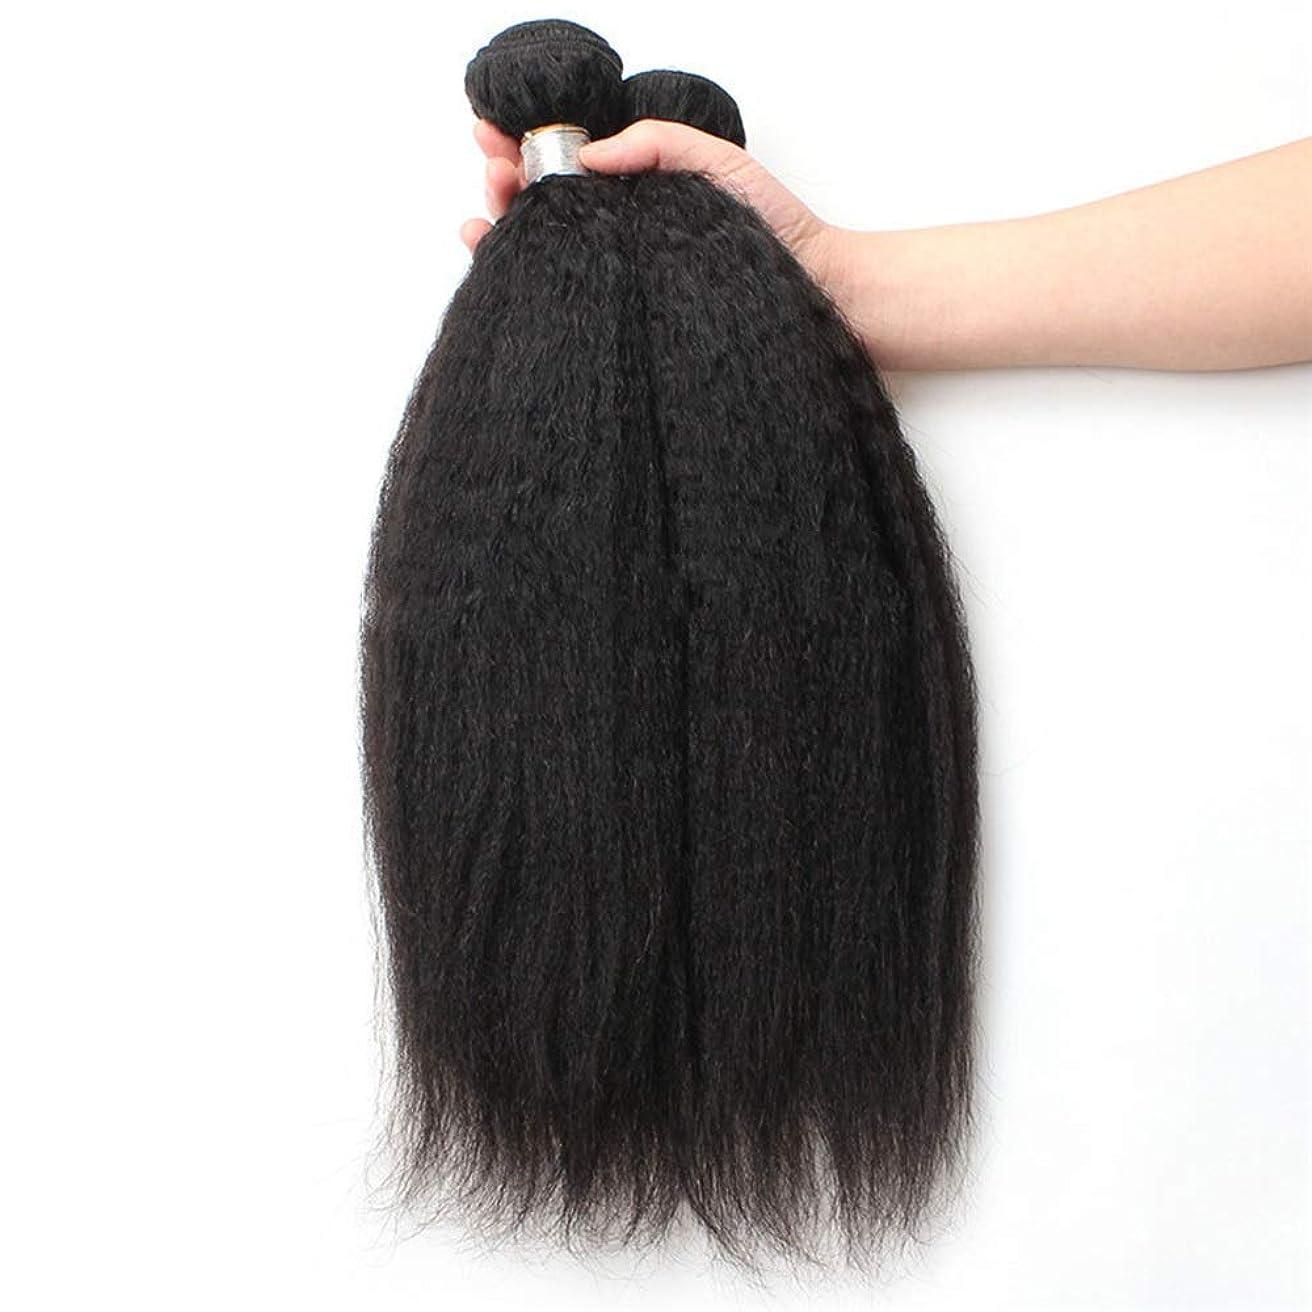 今日パレード一人でBOBIDYEE 9Aブラジル人変態ストレート人間の髪1バンドル焼きストレートヘア100%未処理の人間の毛髪延長ナチュラルブラックカラー複合毛レースのかつらロールプレイングかつらストレートシリンダーショートスタイル女性自然 (色 : 黒, サイズ : 14 inch)